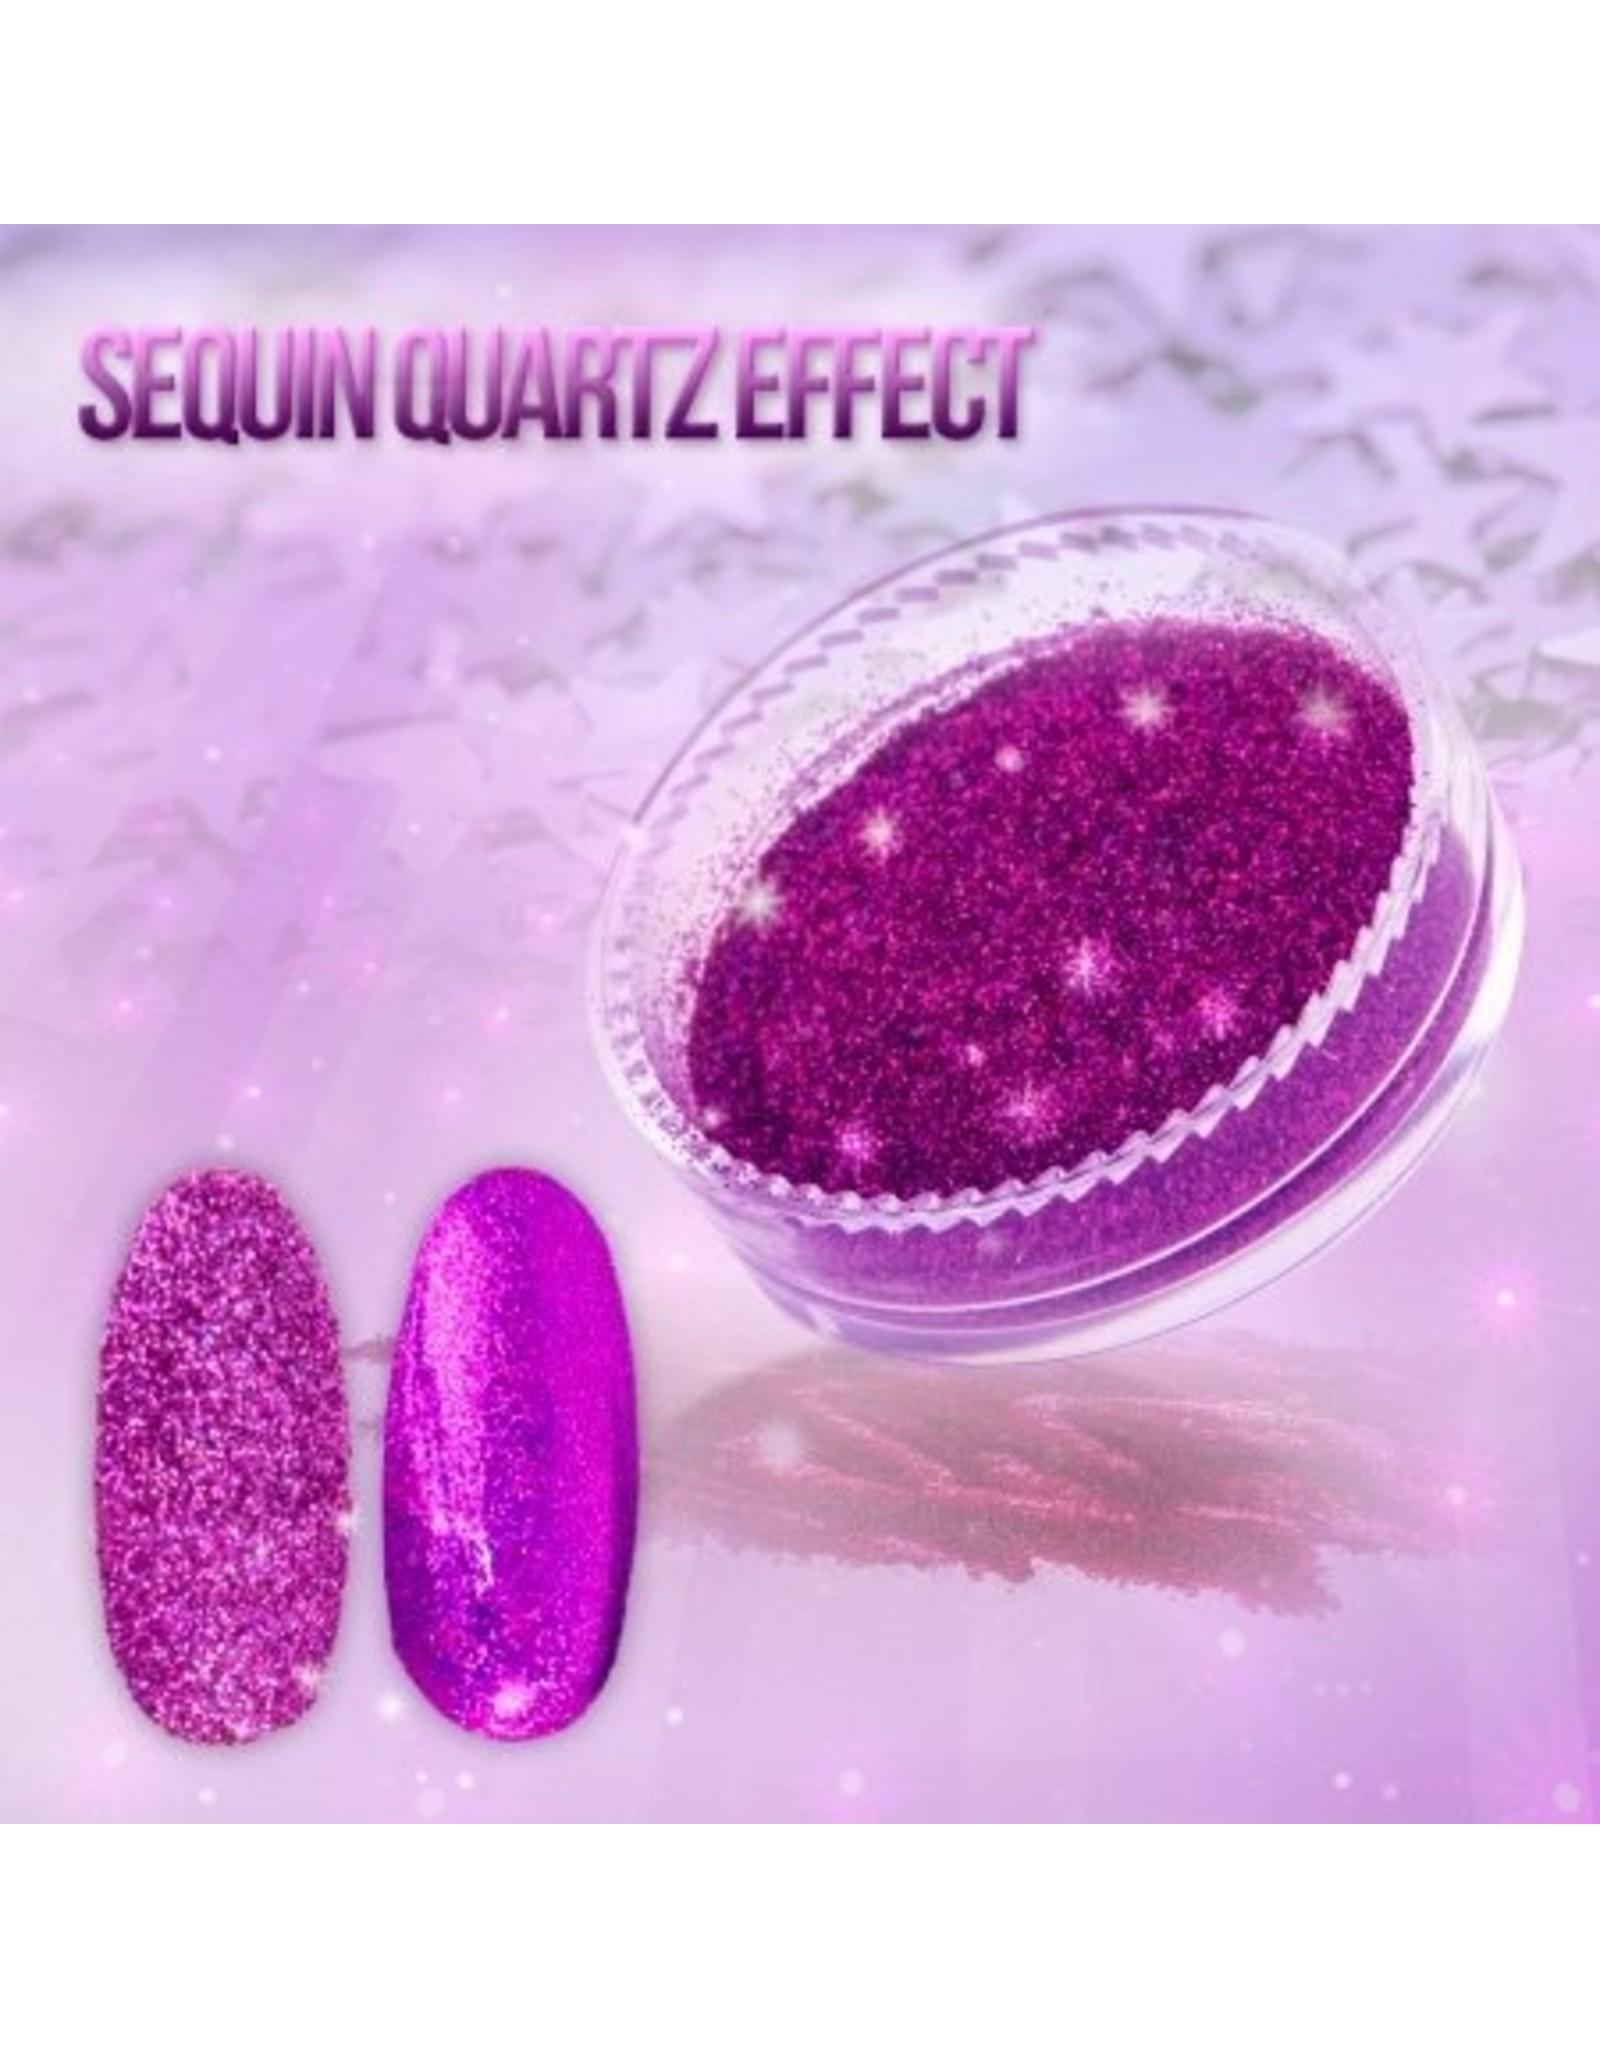 Merkloos Seaquin Quarts effect - Symphony